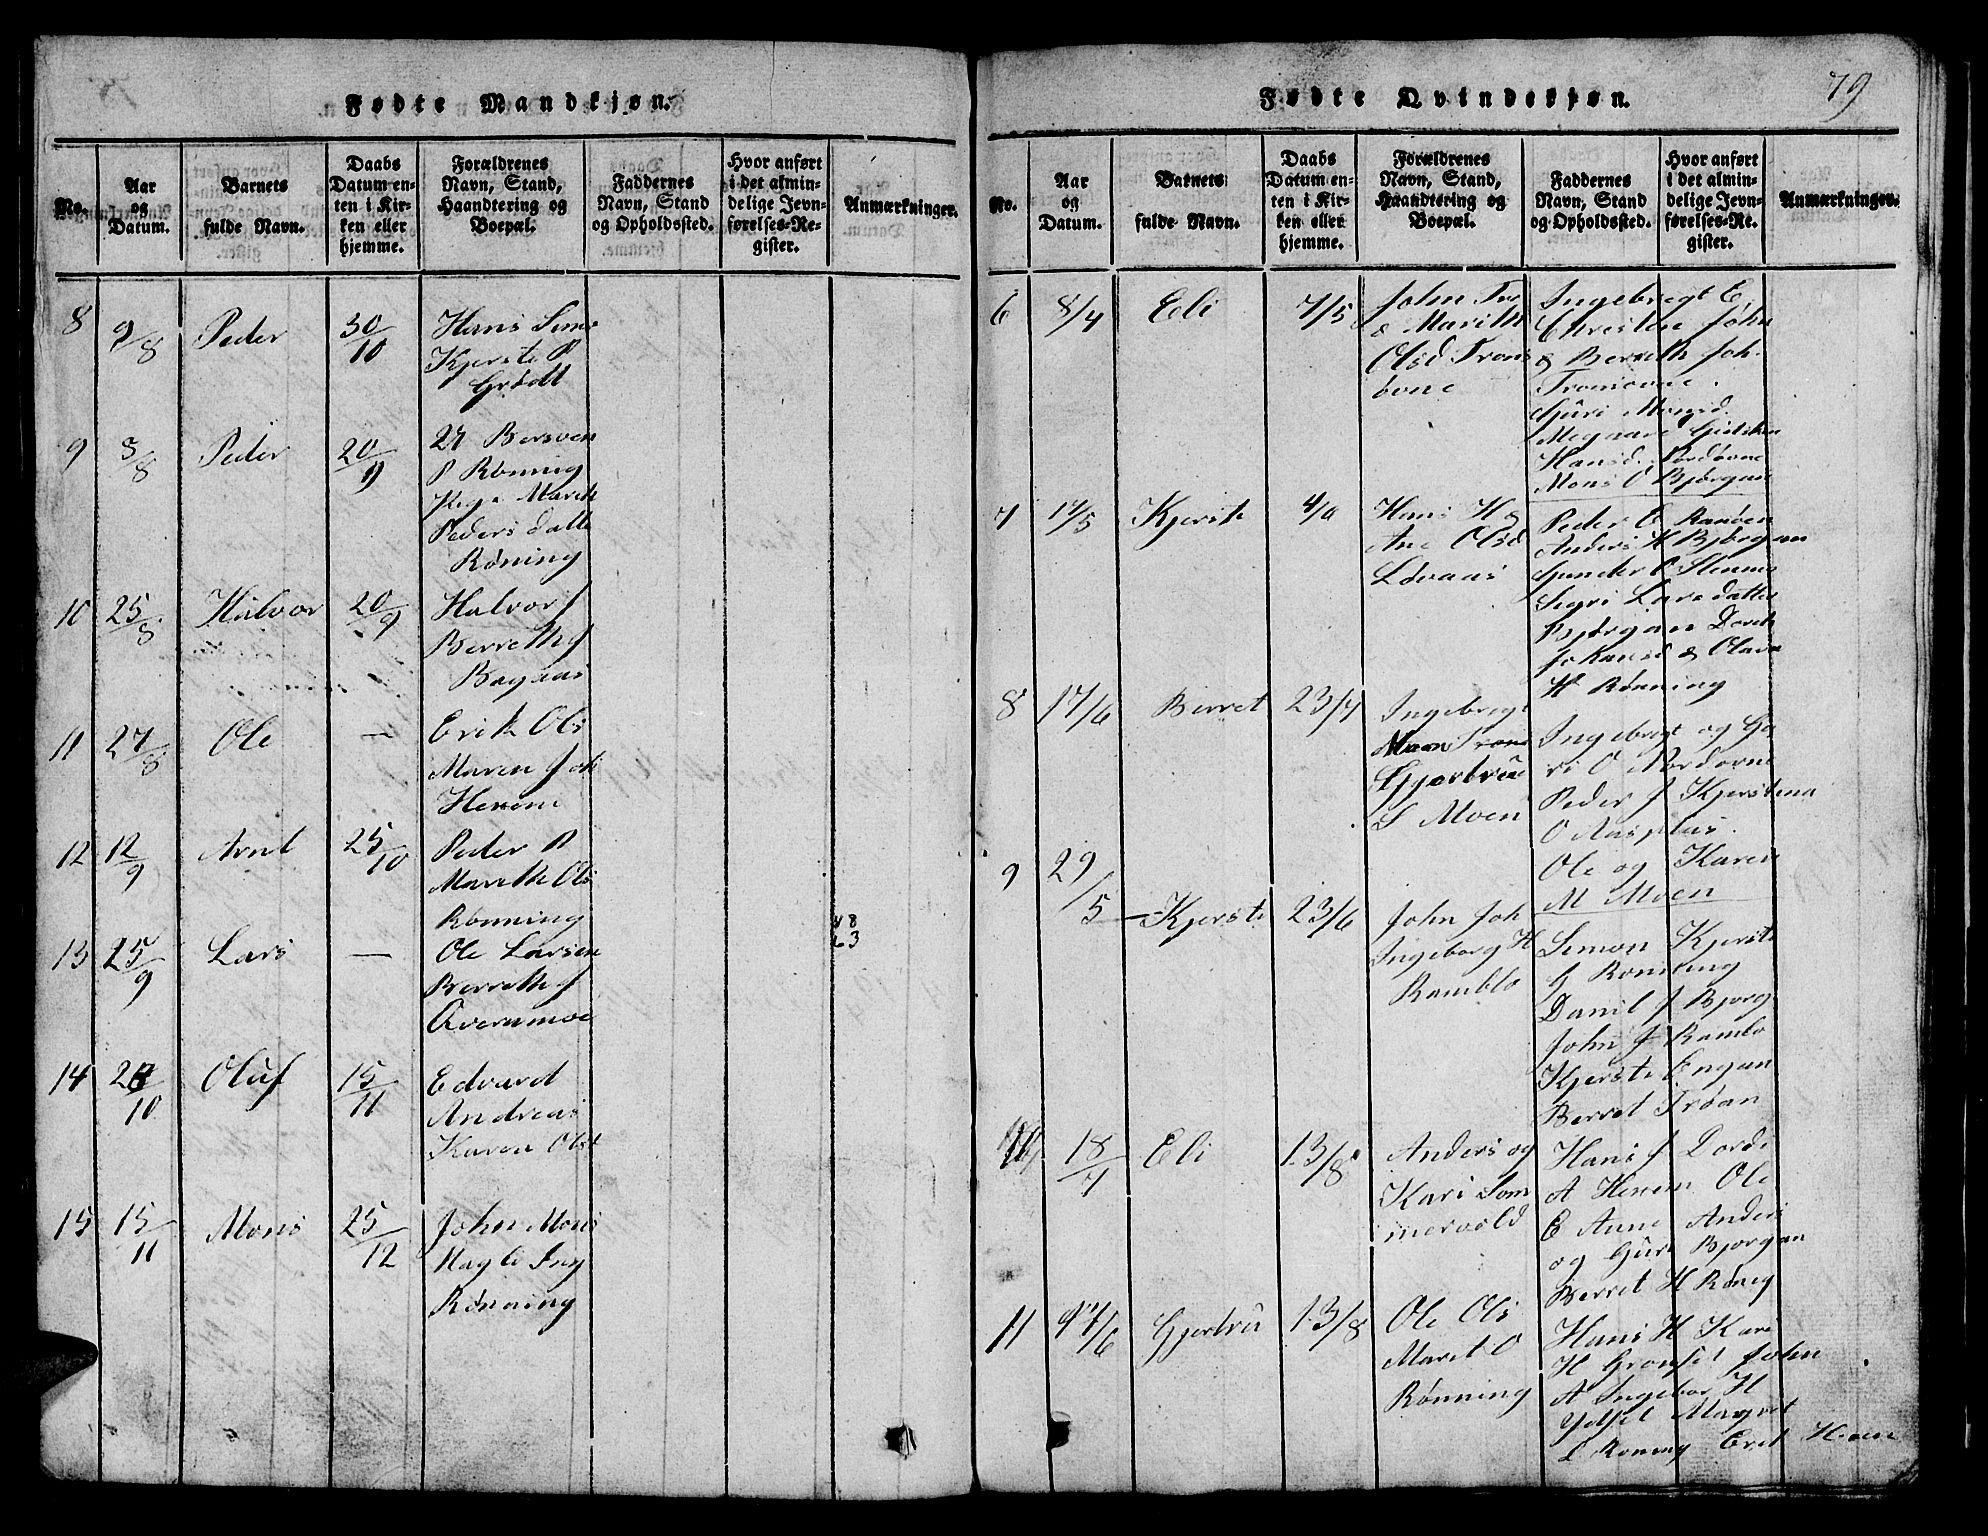 SAT, Ministerialprotokoller, klokkerbøker og fødselsregistre - Sør-Trøndelag, 685/L0976: Klokkerbok nr. 685C01, 1817-1878, s. 79